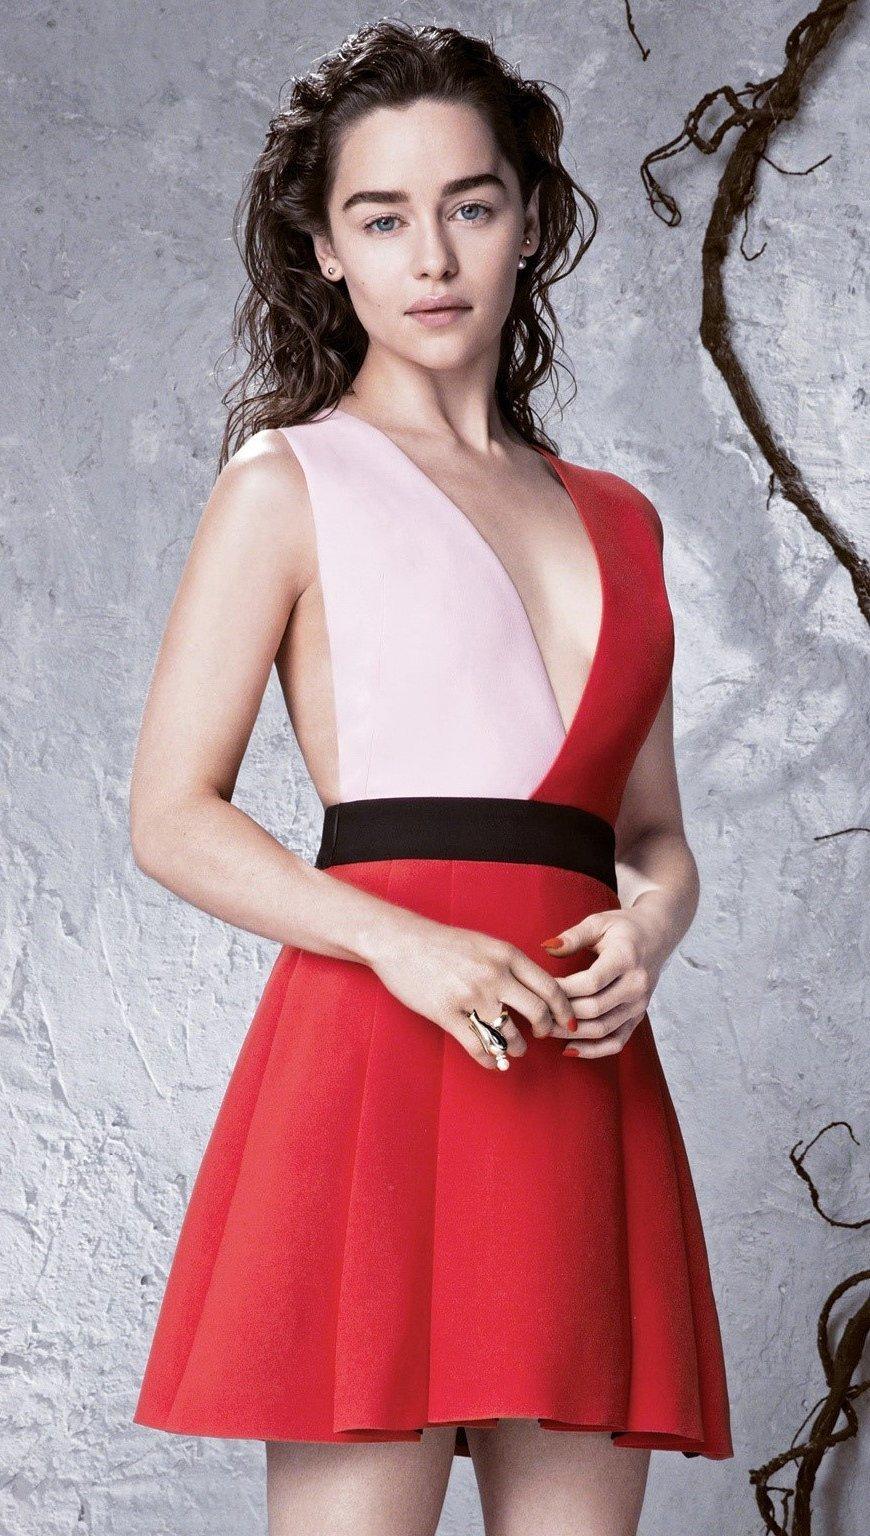 Wallpaper Emilia Clarke in a red dress Vertical